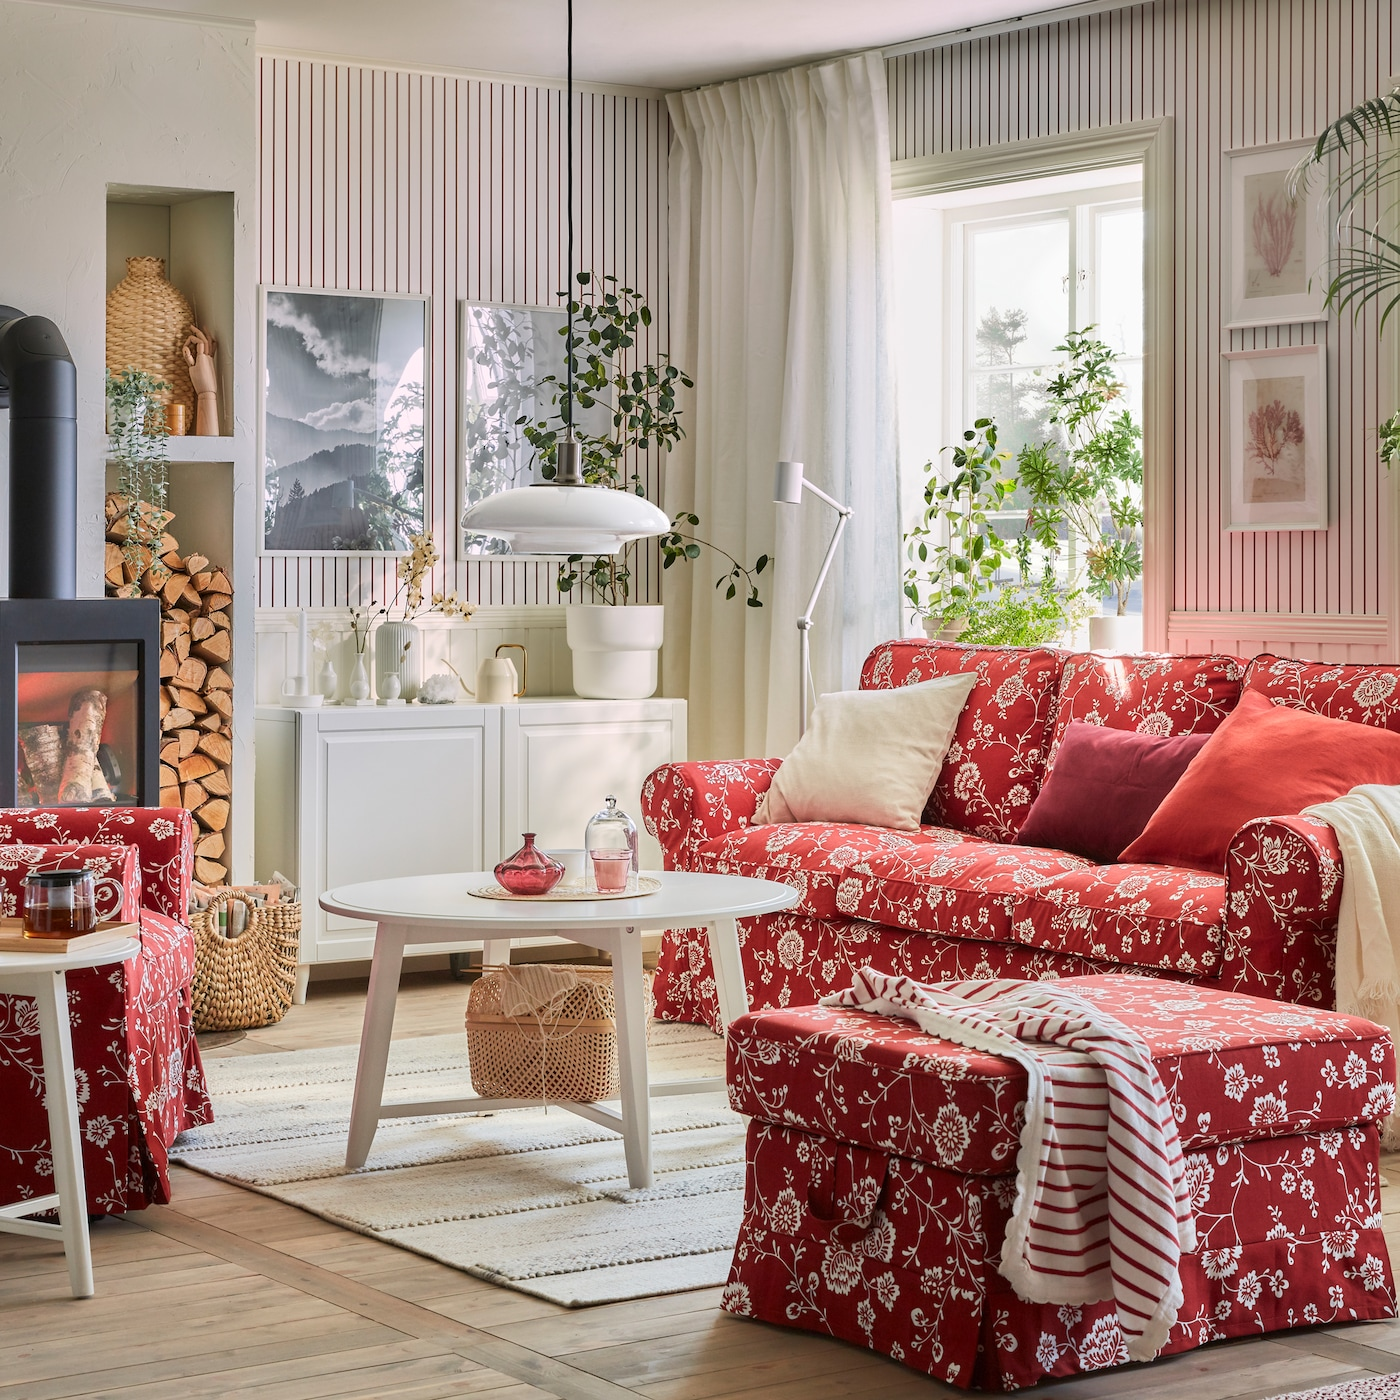 Pokój dzienny z czerwonymi, ozdobionymi białym, kwiecistym wzorem sofą, fotelem i podnóżkiem EKTORP oraz okrągłymi stolikami i kredensem w kolorze białym.